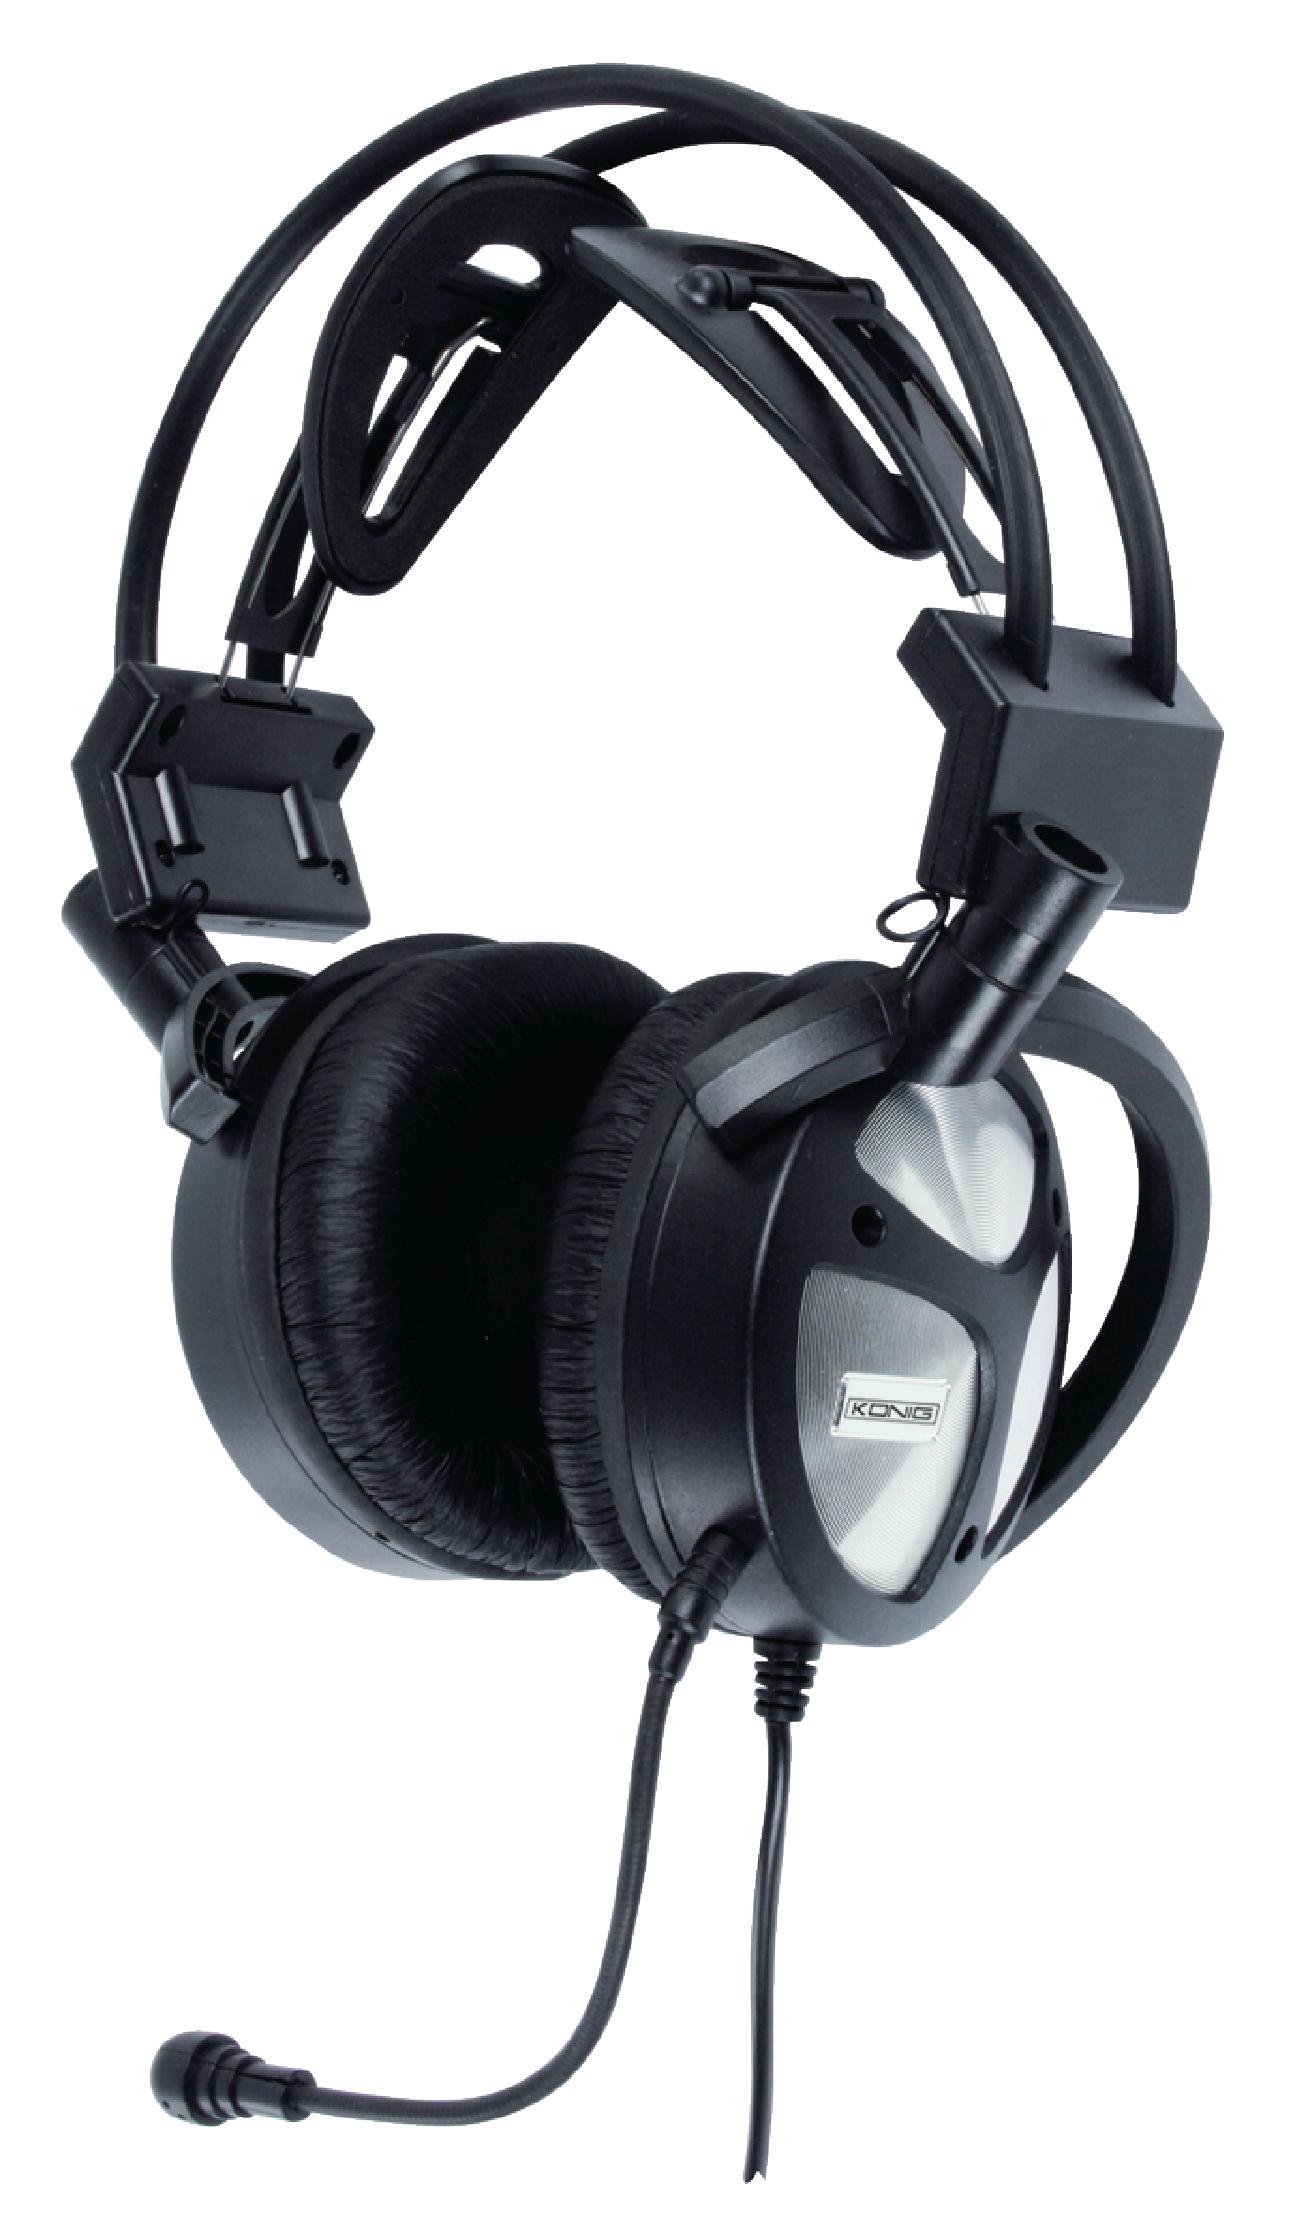 cmp headset170 k nig headset over ear usb built in. Black Bedroom Furniture Sets. Home Design Ideas